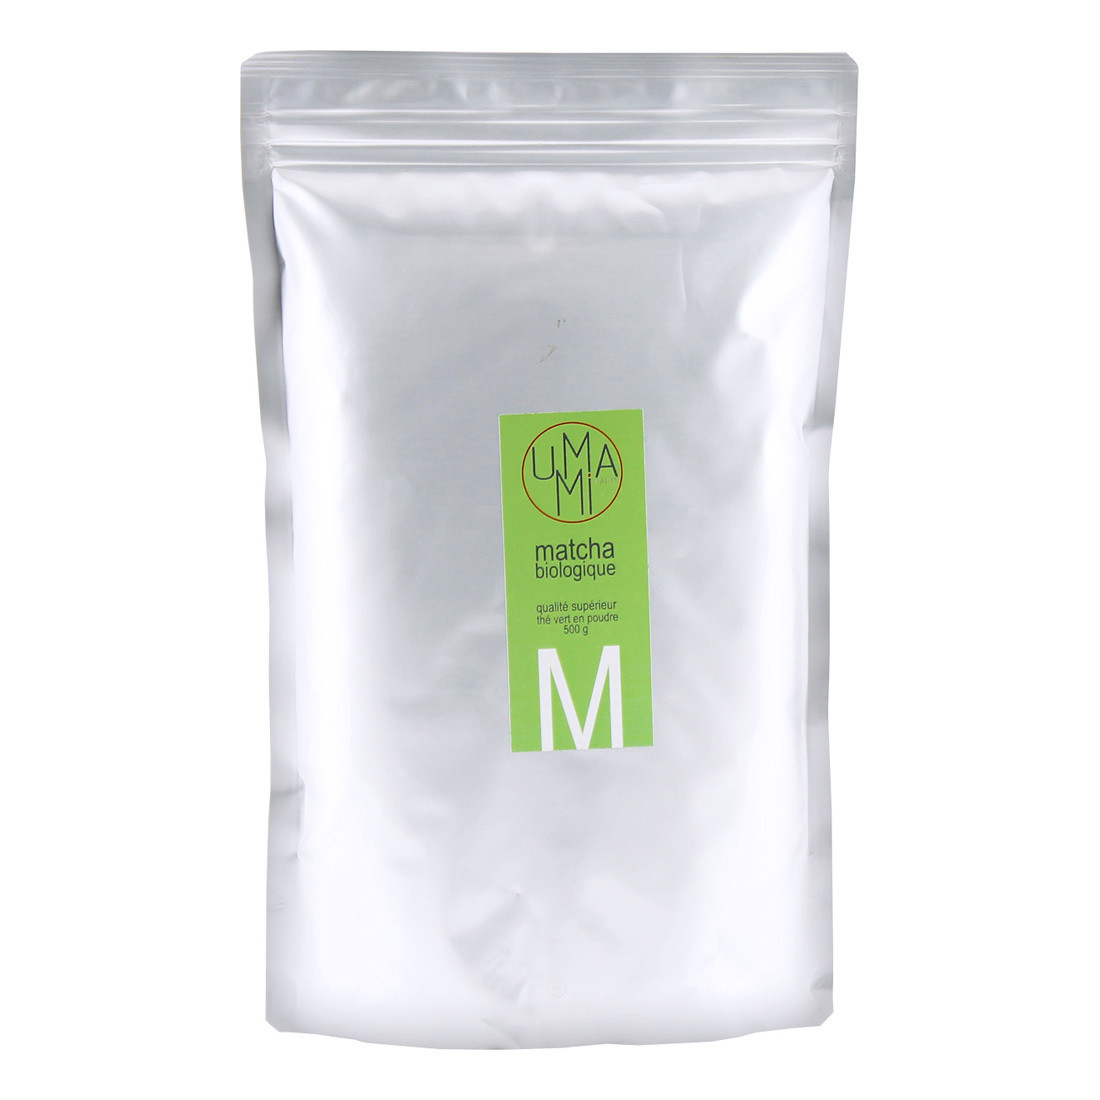 Чай Маття зеленый органик (organic superior matcha), УМАМИ, сашет 500г